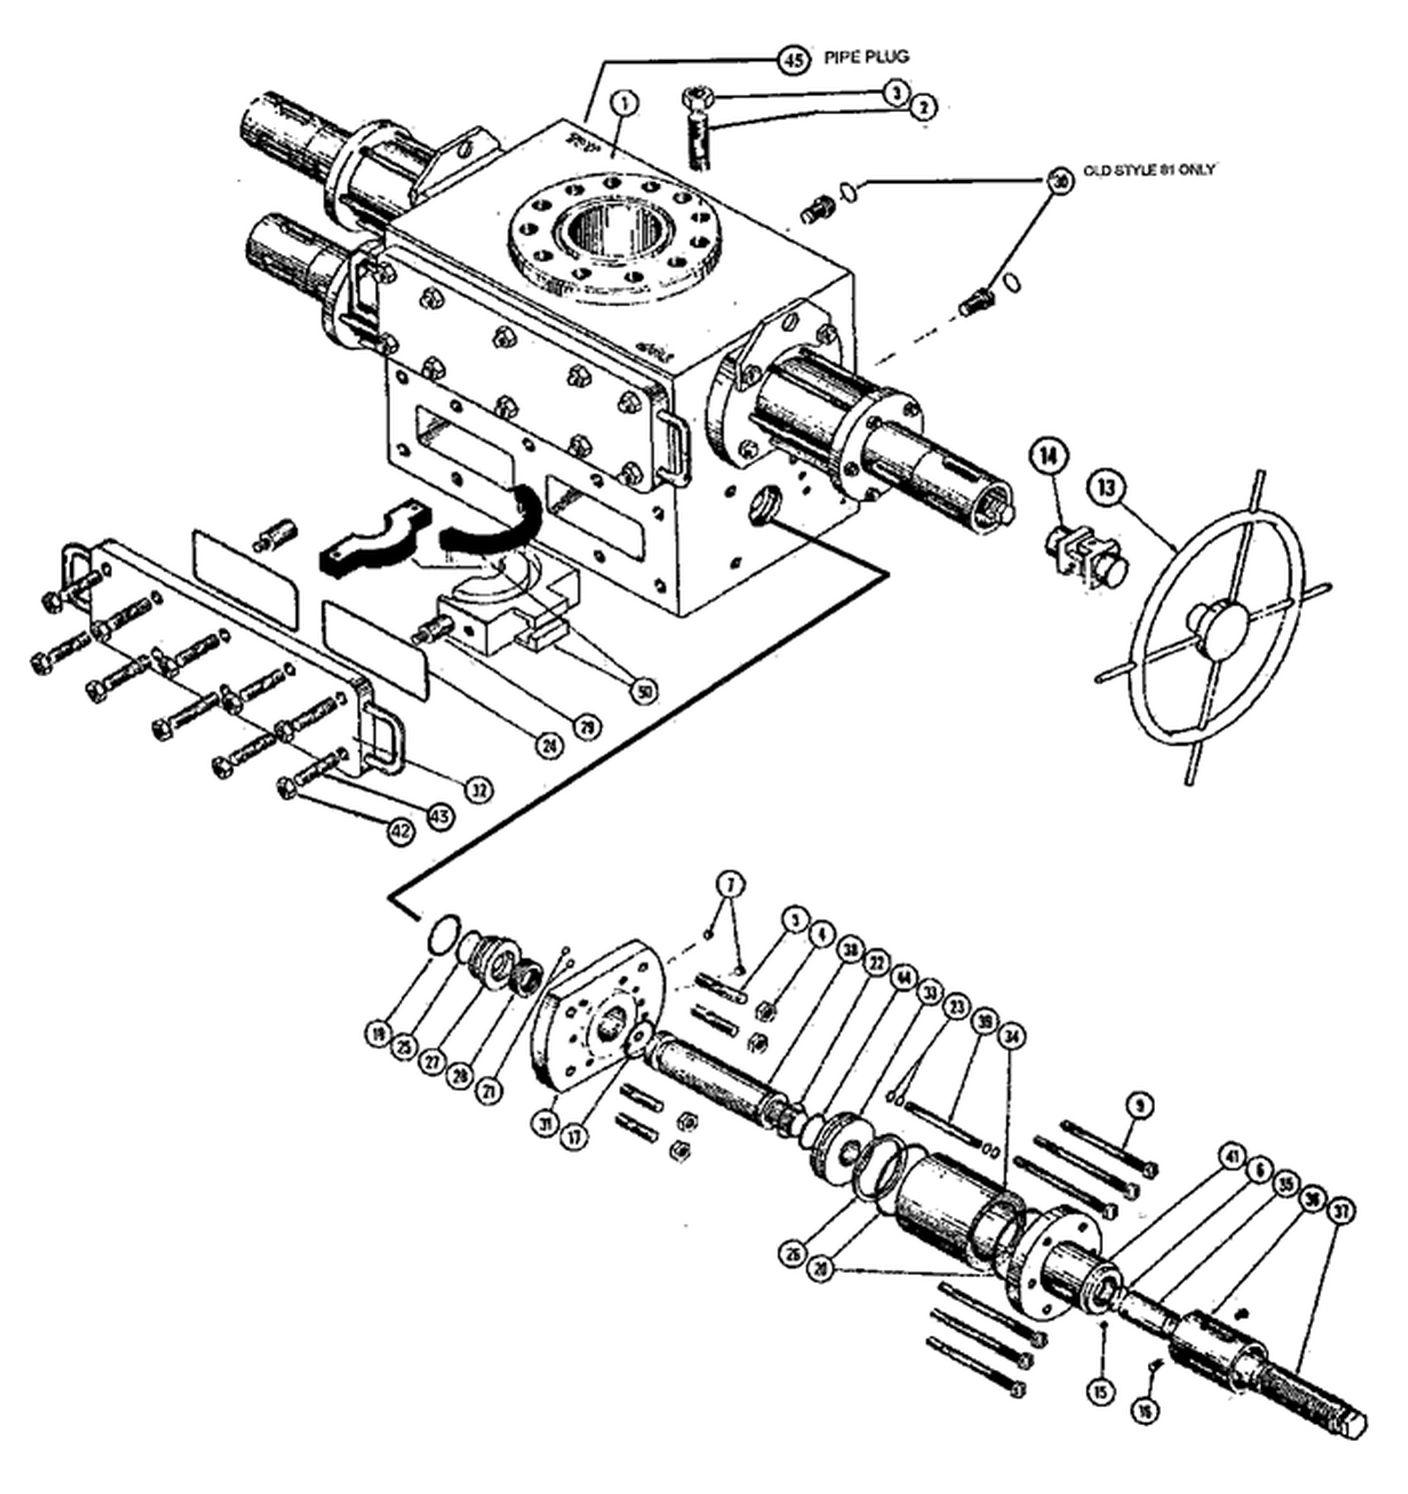 [WRG-1757] Townsend Annular Preventer Manual